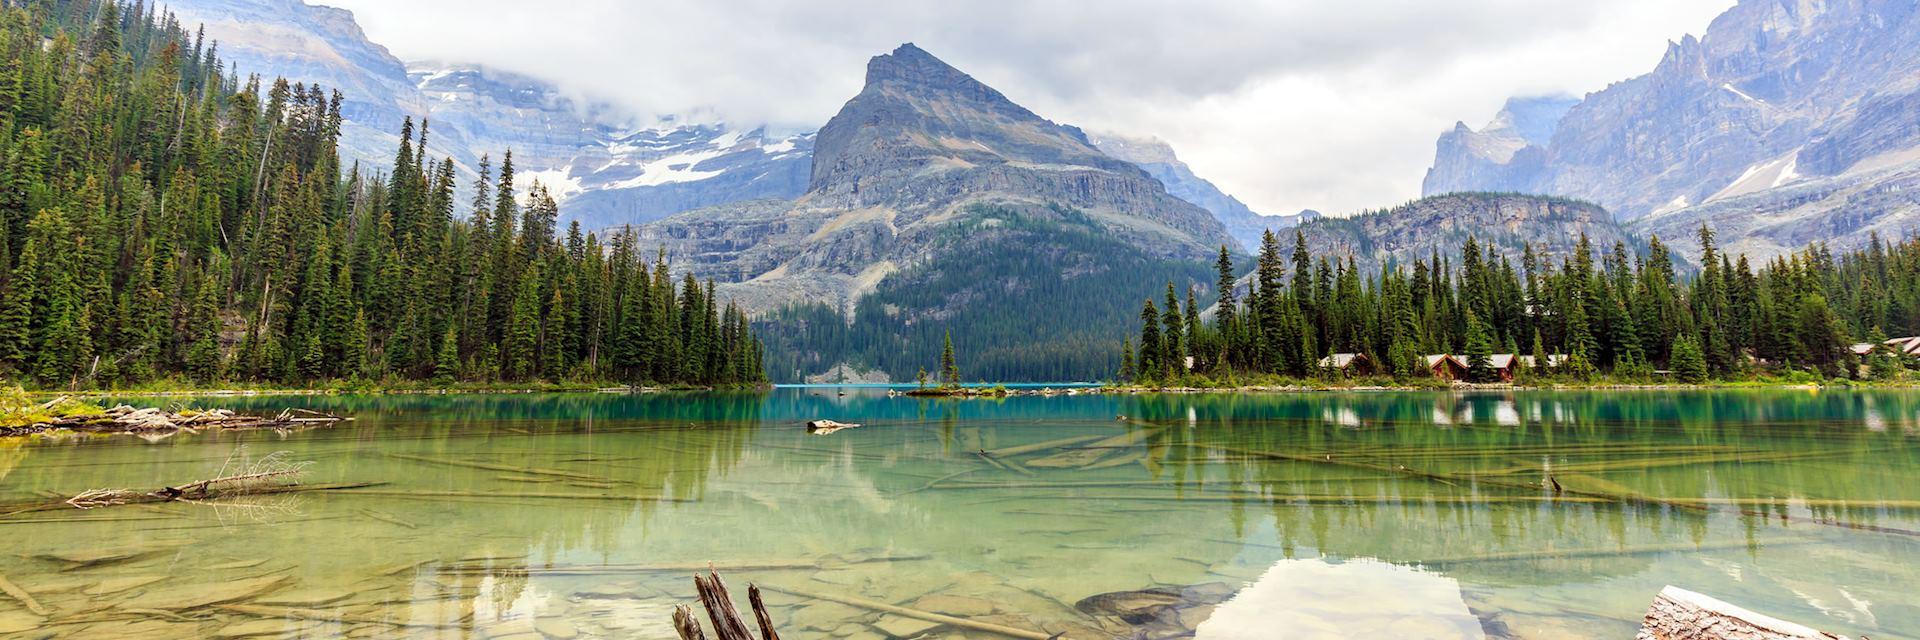 Lake O'Hara, the Canadian Rockies